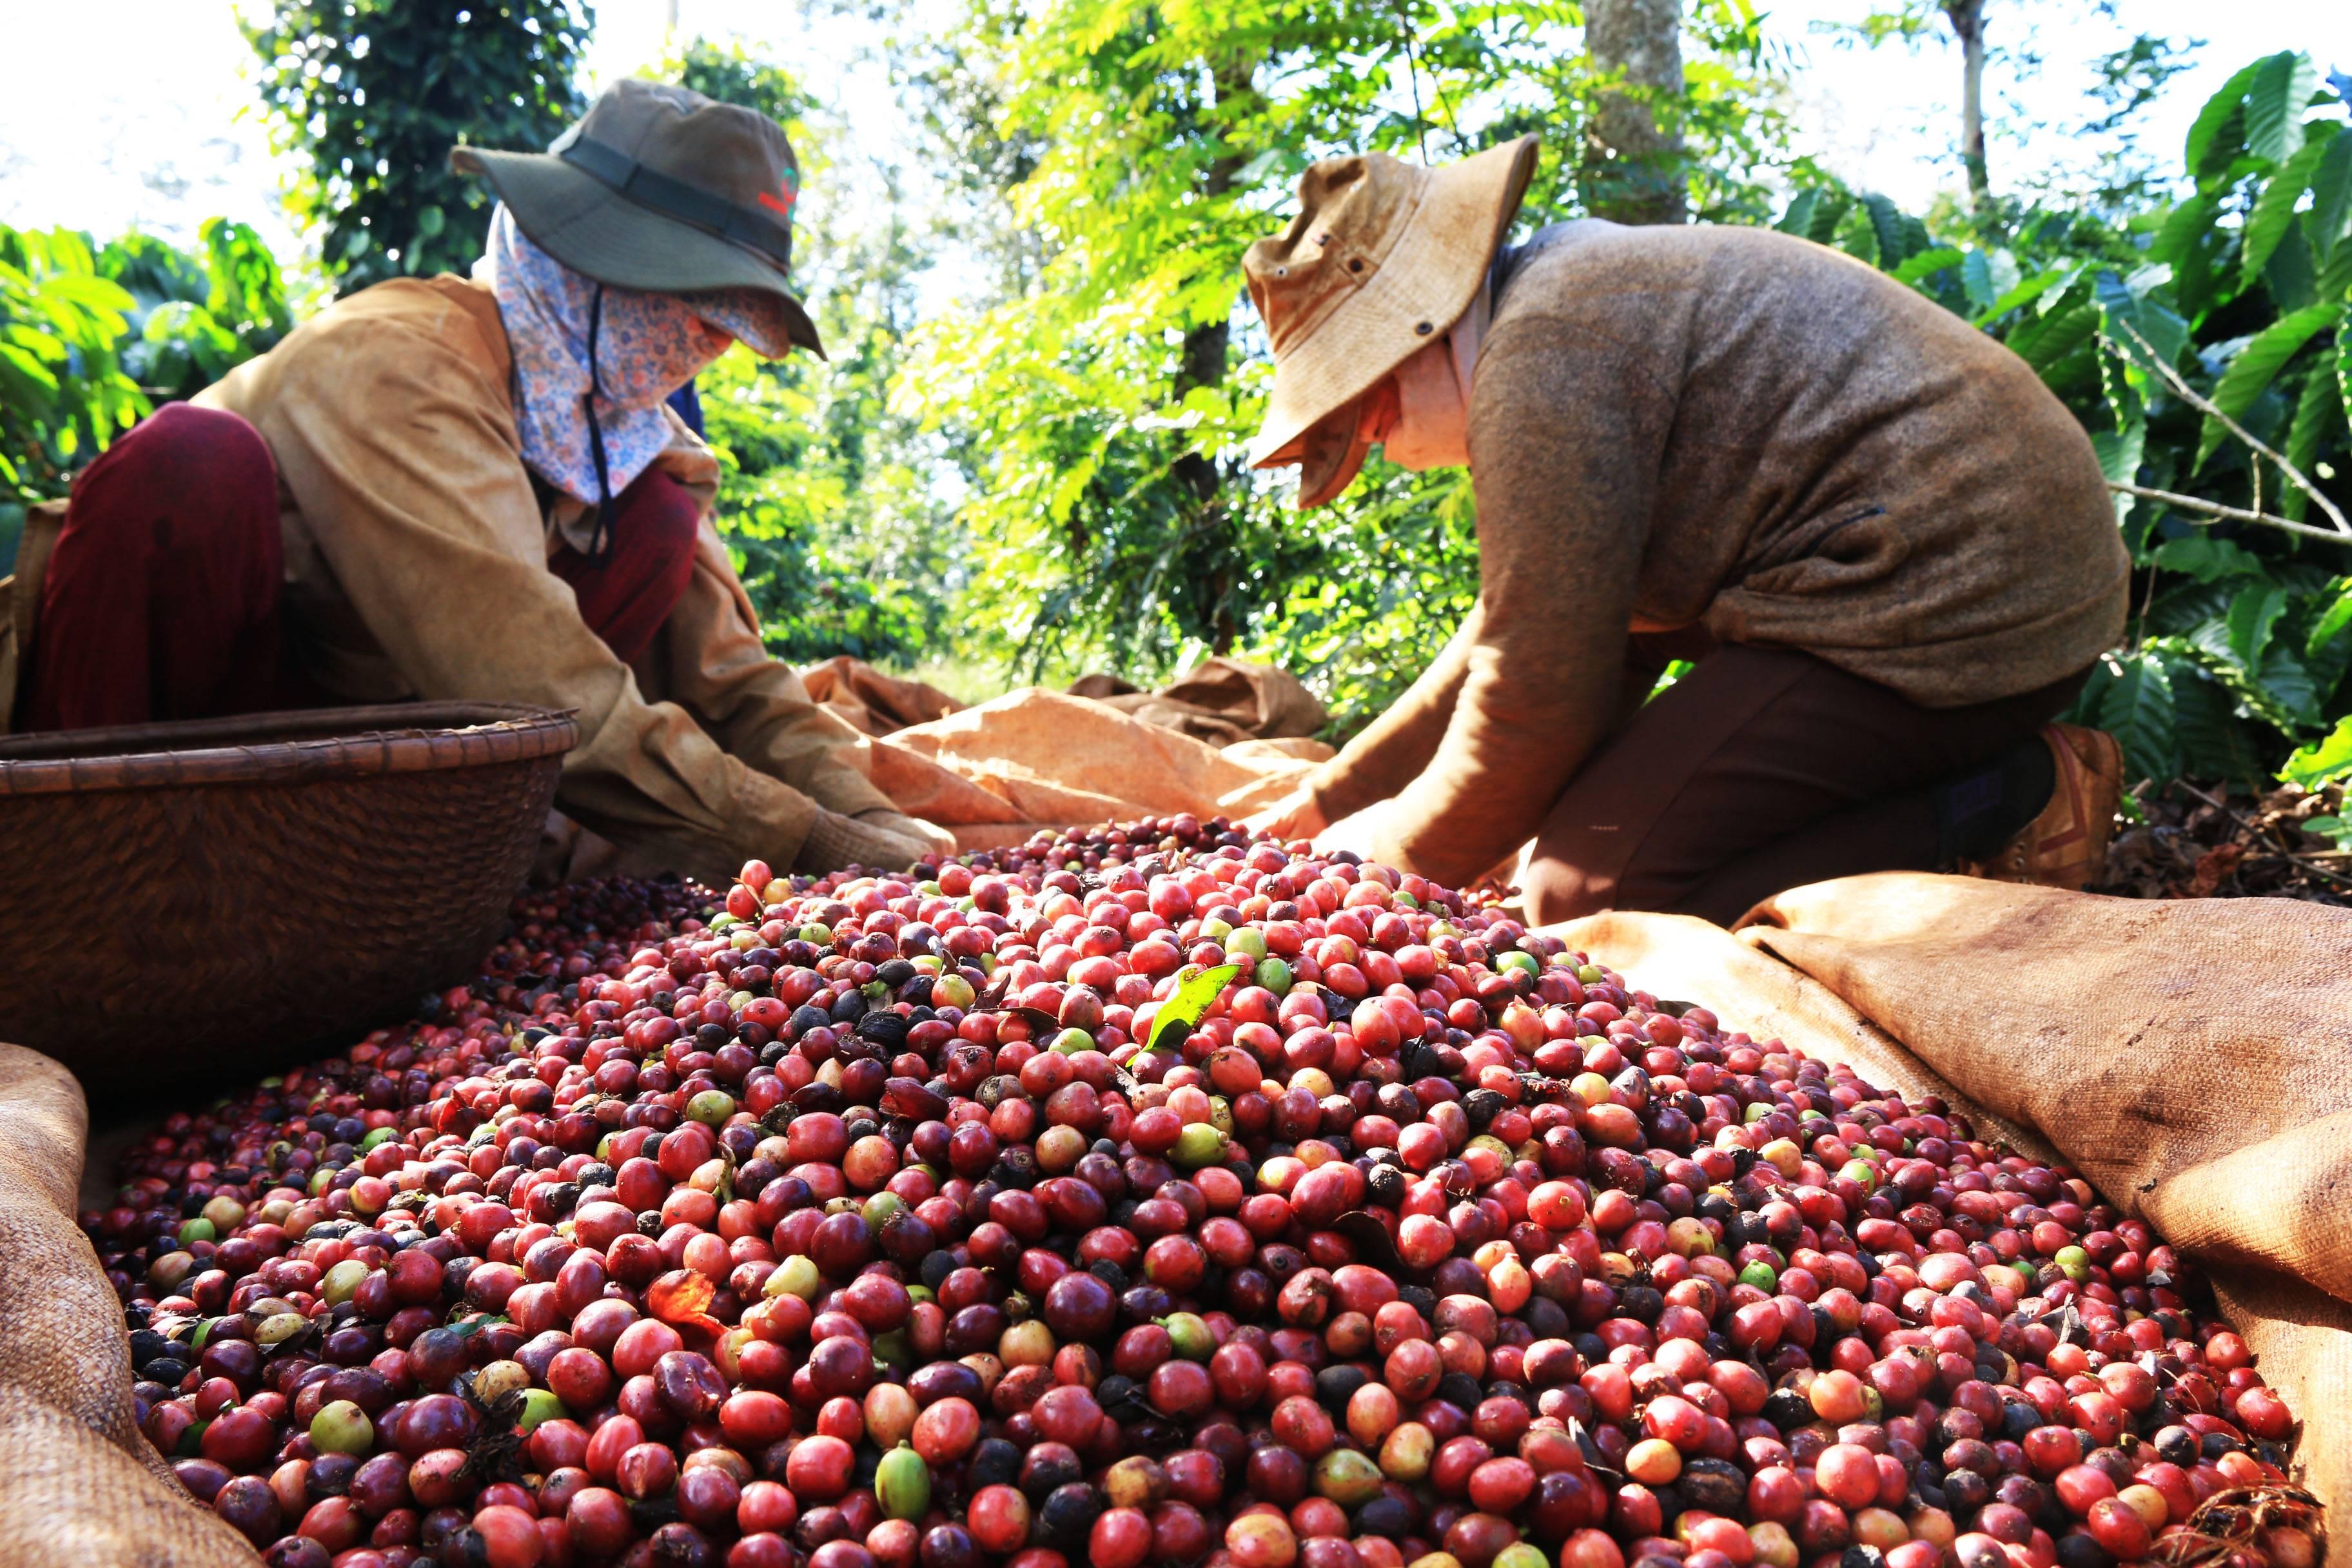 20 стран-лидеров среди мировых производителей кофе: от бразилии до зимбабве (и италии тут нет)